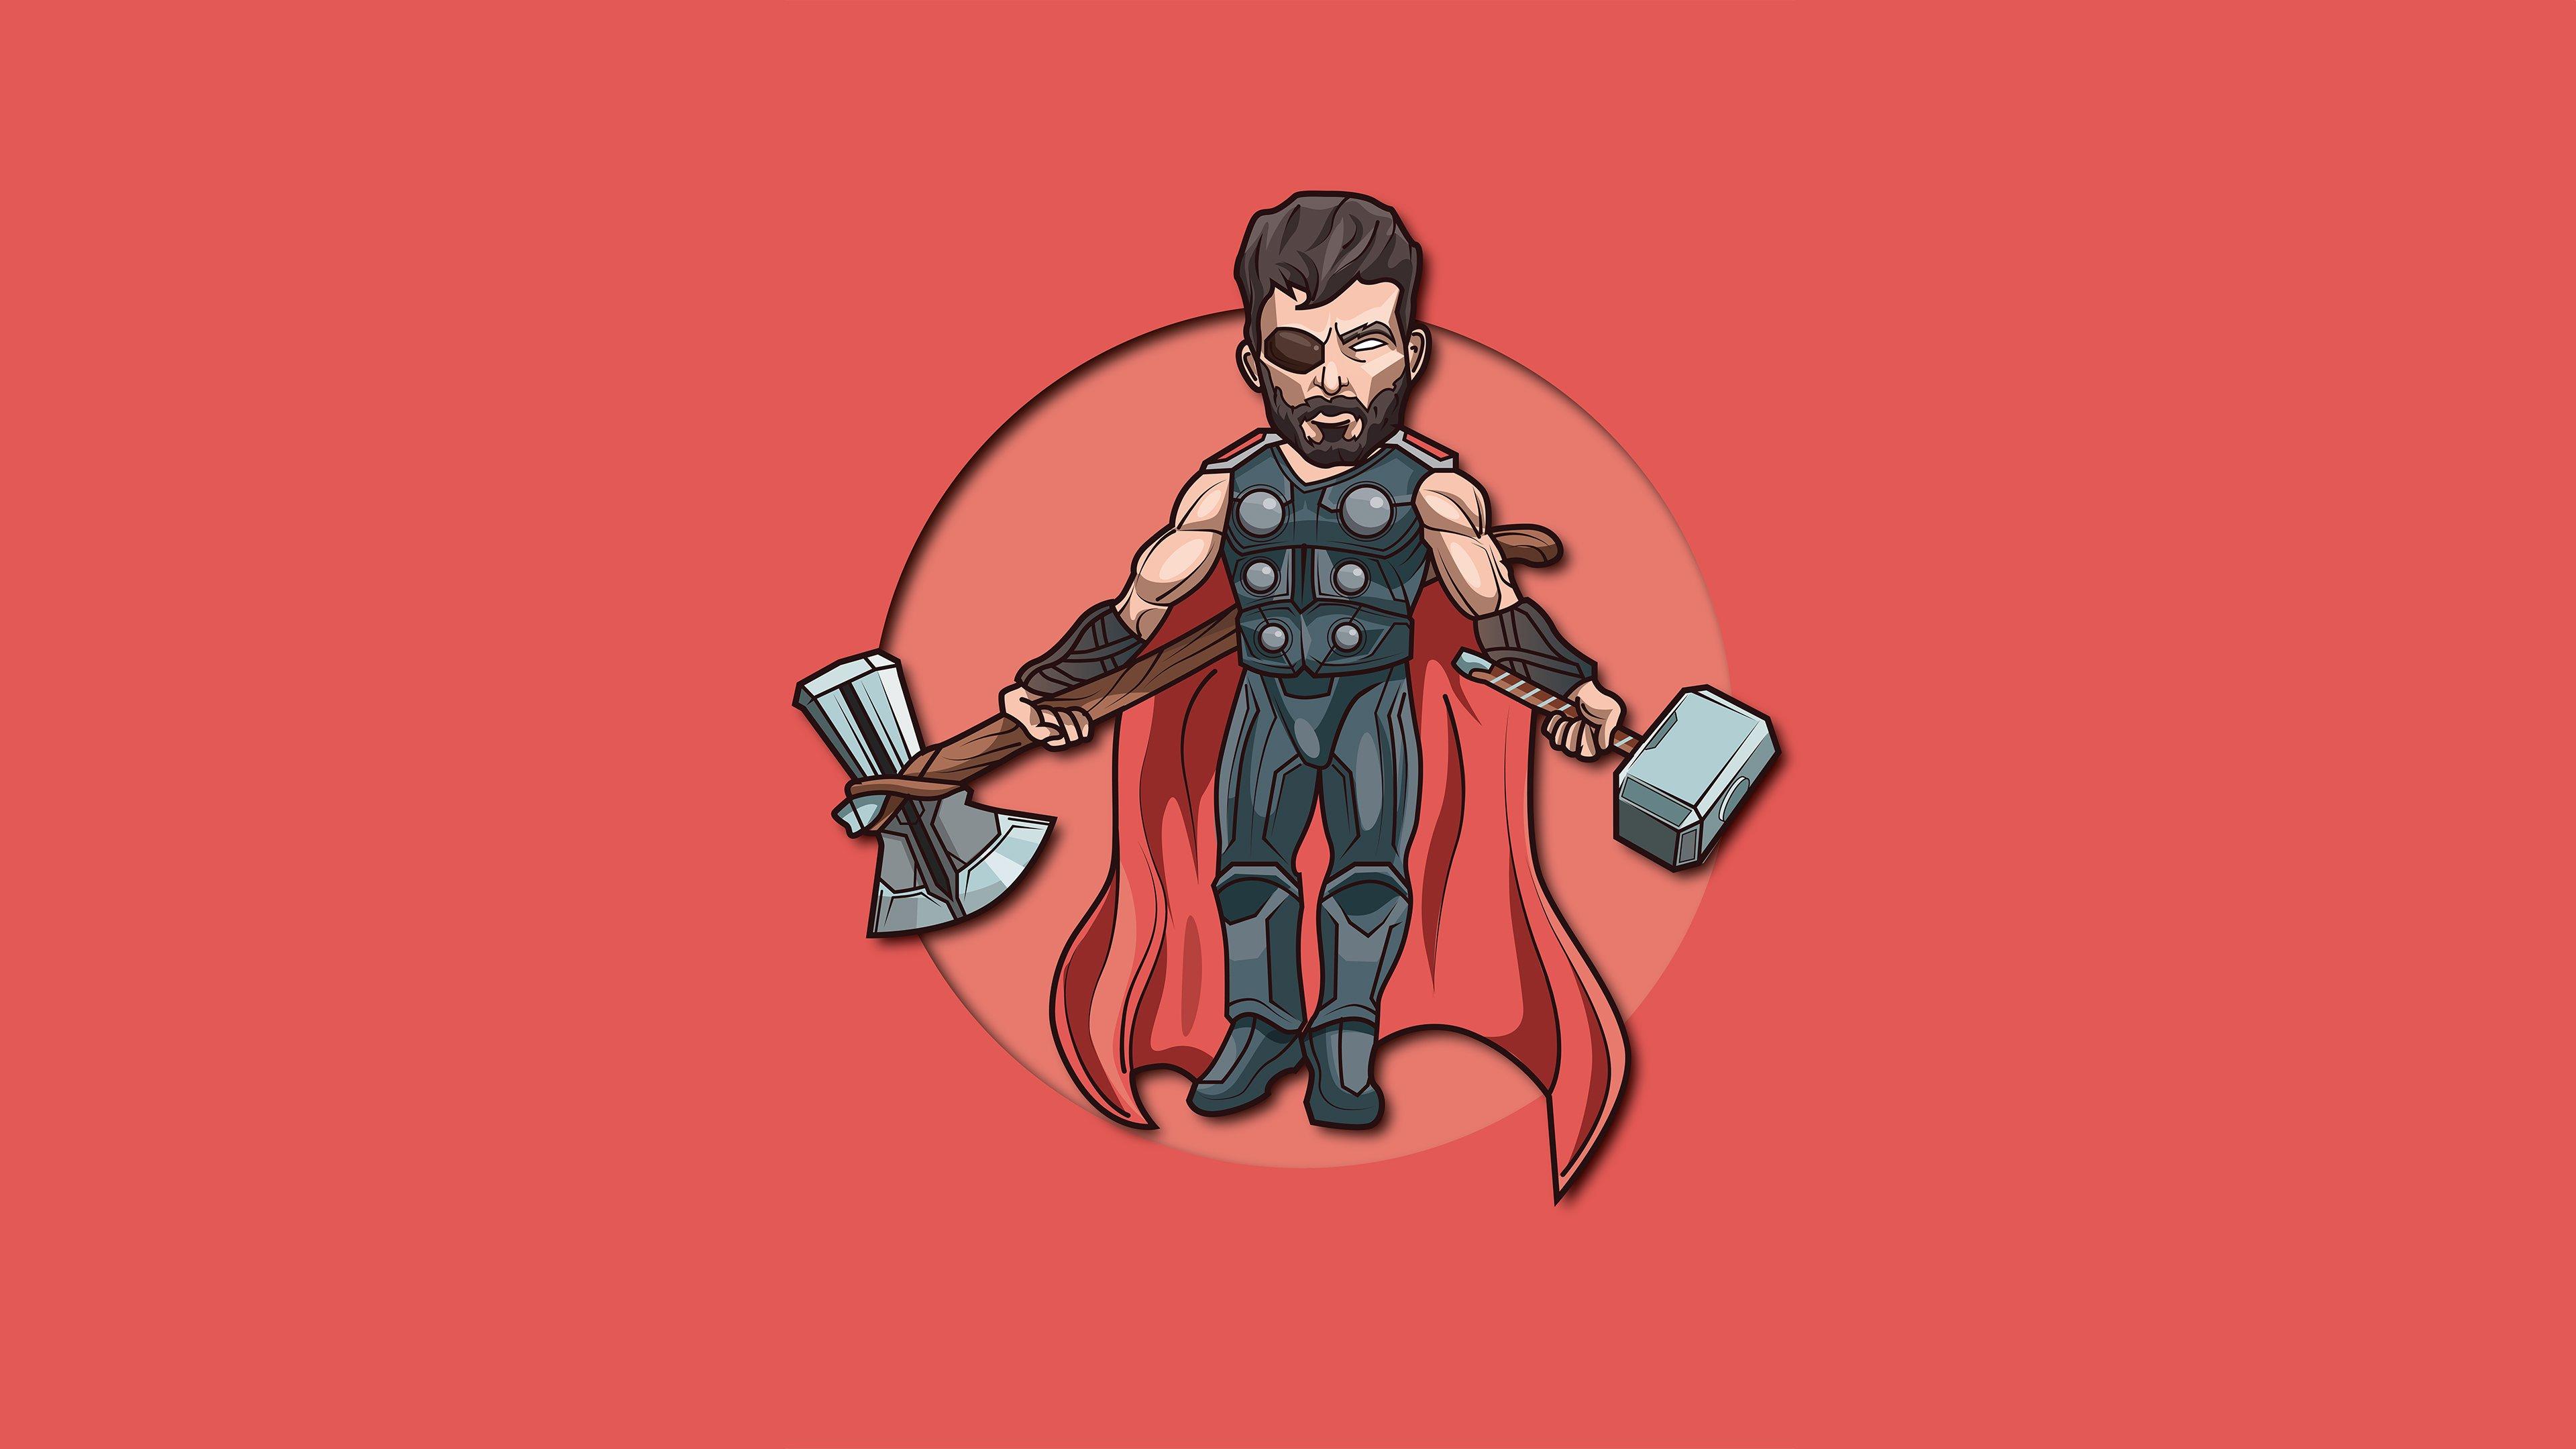 Fondos de pantalla Thor Dios del rayo ilustración minimalista